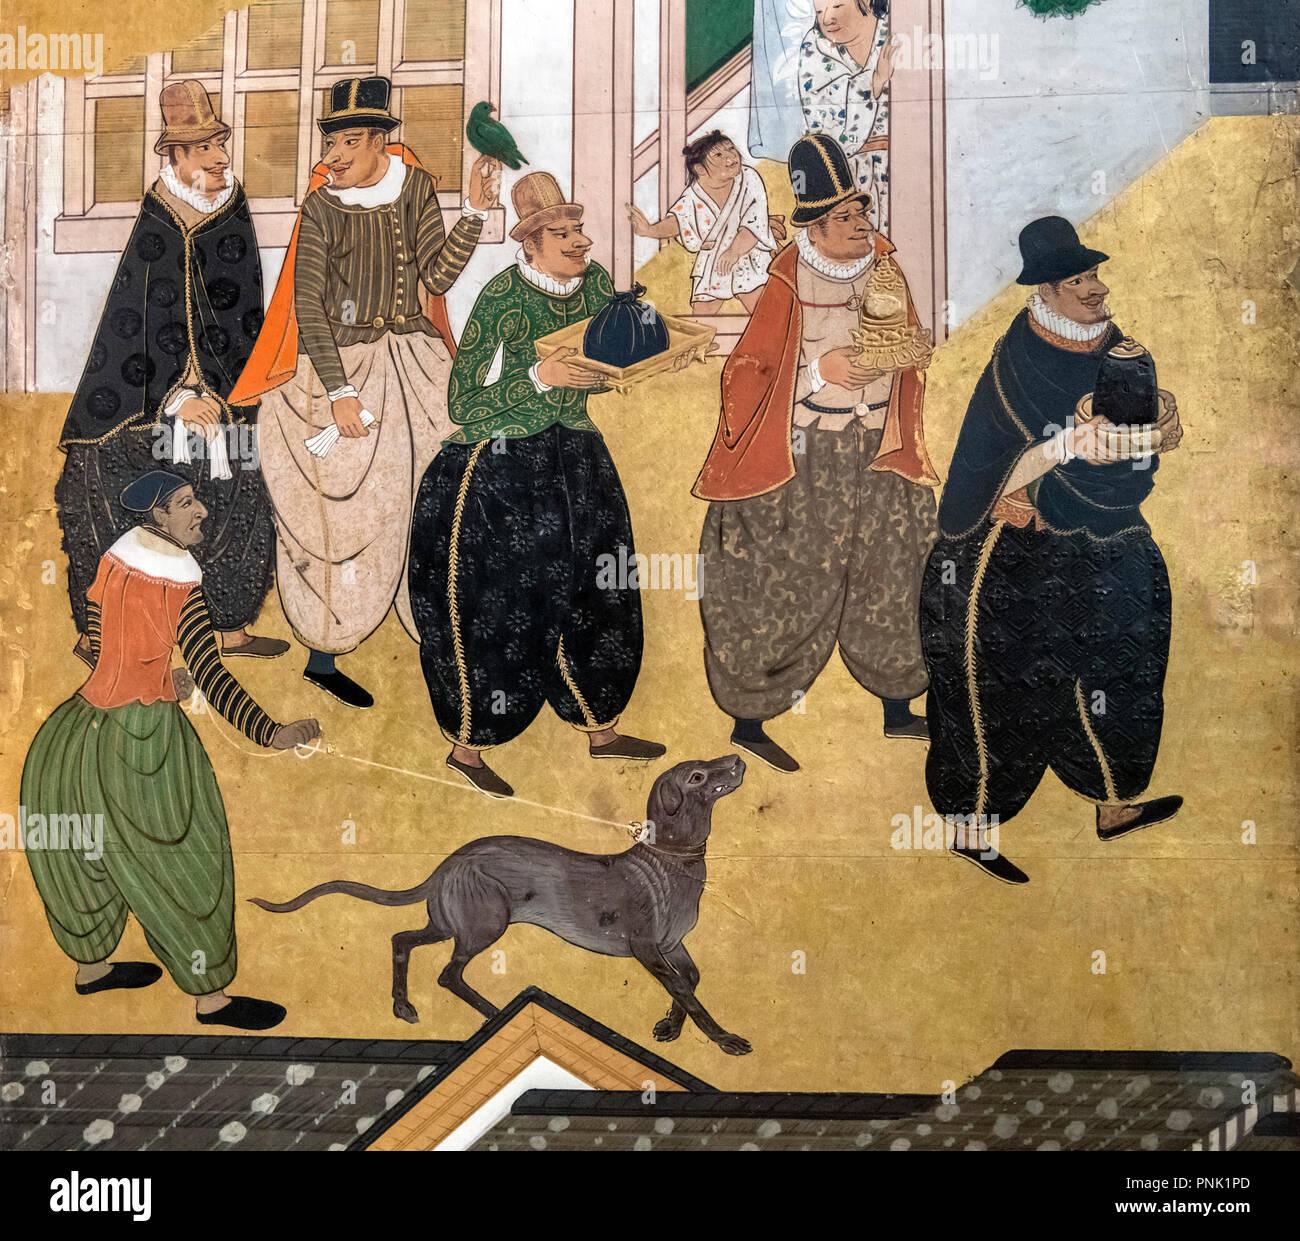 Giapponese schermo Namban attribuito a Kano Domi, (legno, carta, foglia oro, polychrome tempera, seta, lacca, rame dorato), 1593-1600 (Periodo Momoyama). Immagini Stock